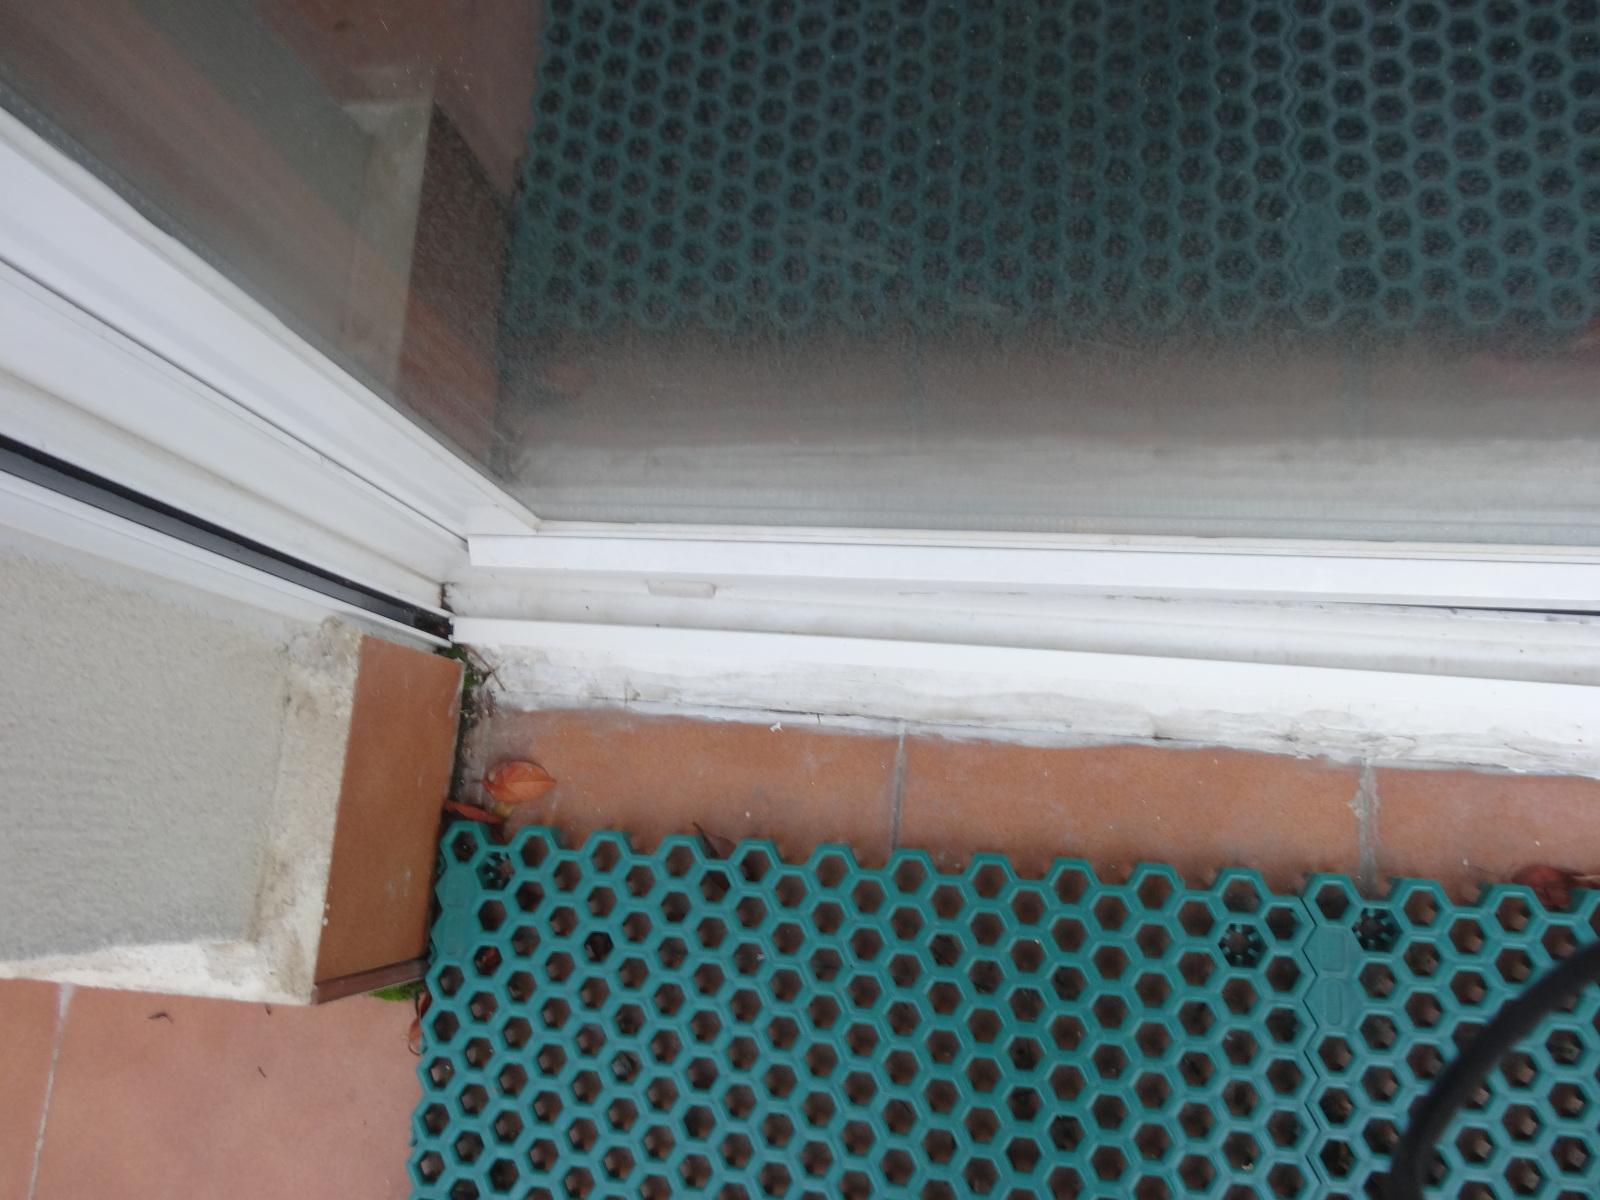 redes - Mosquiteras y redes para las ventanas y cómo proteger a nuestros gatos - Página 10 2vn3m2f